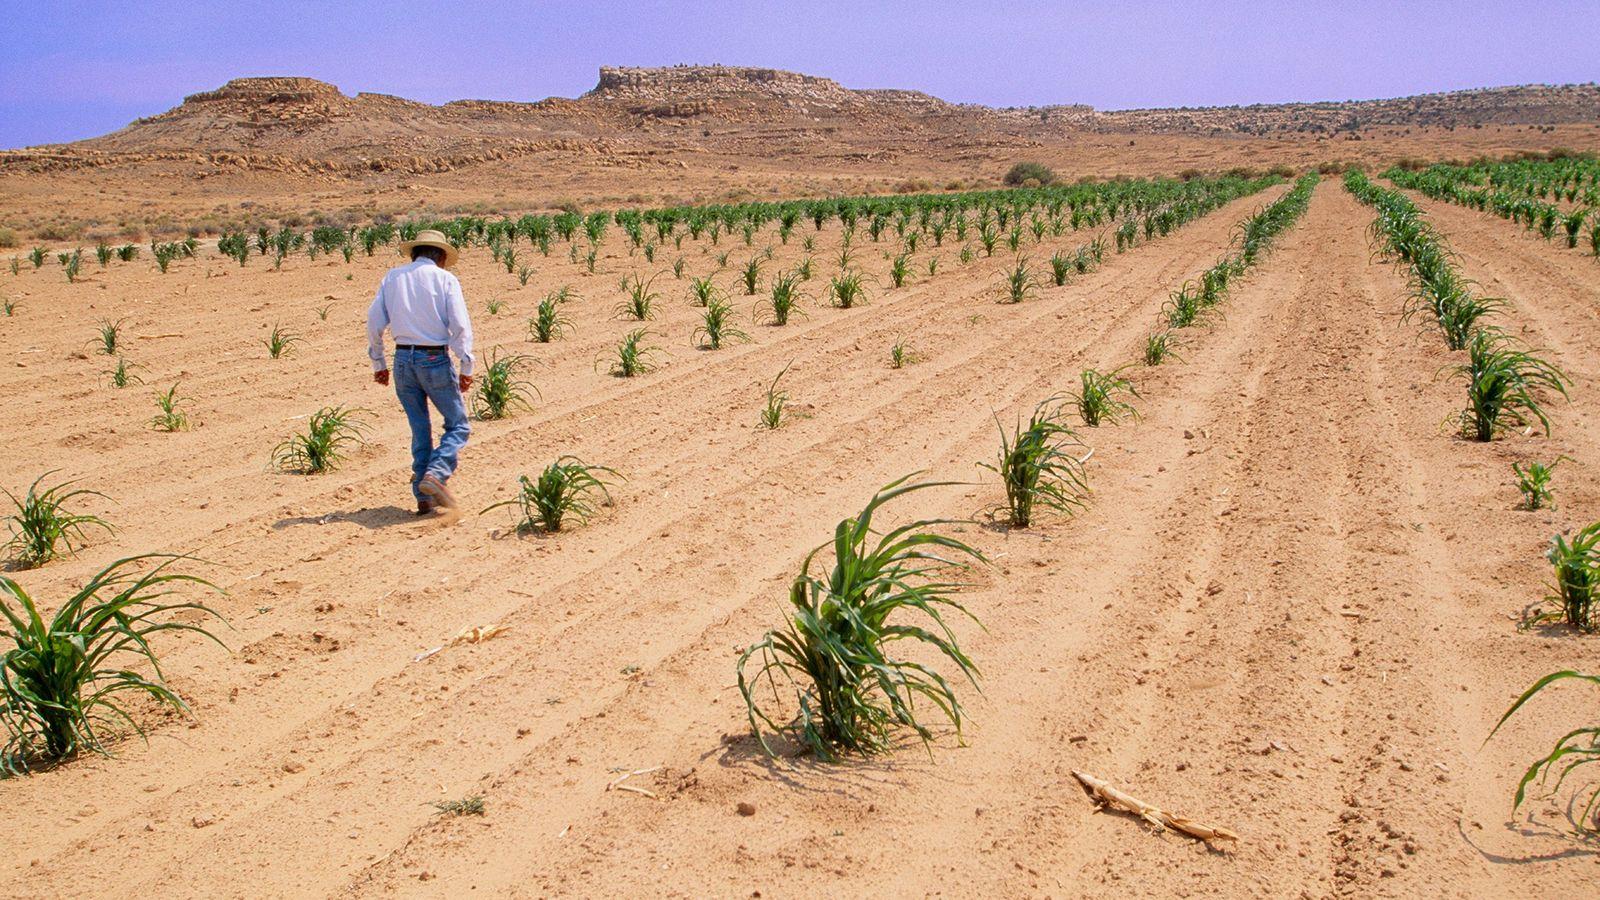 Un agricultor de la Reserva Indígena Hopi en Arizona inspecciona sus cultivos de maíz en medio ...